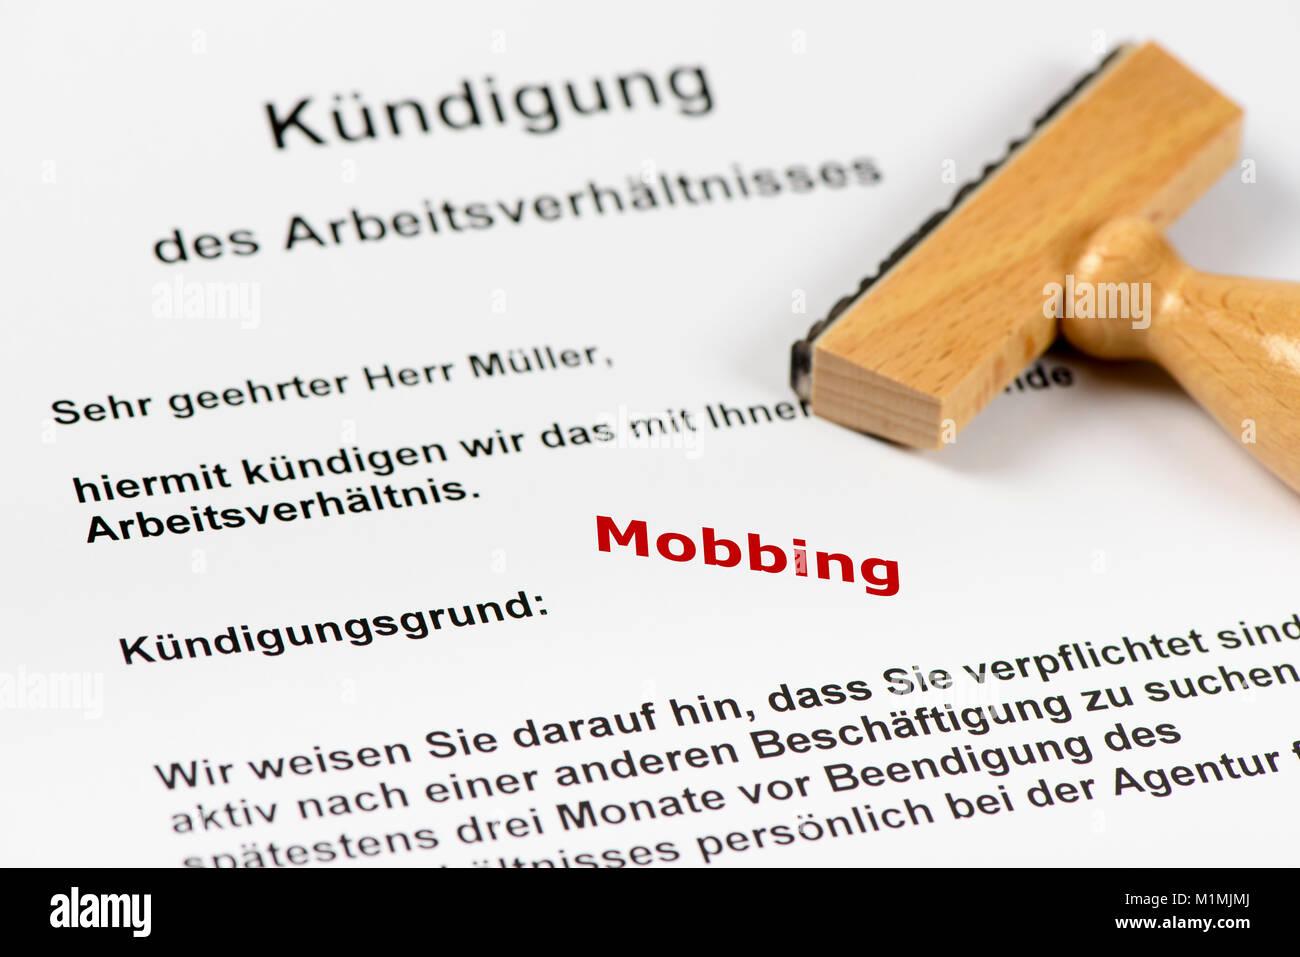 Kündigung Und Entlassung Wegen Mobbing Stock Photo